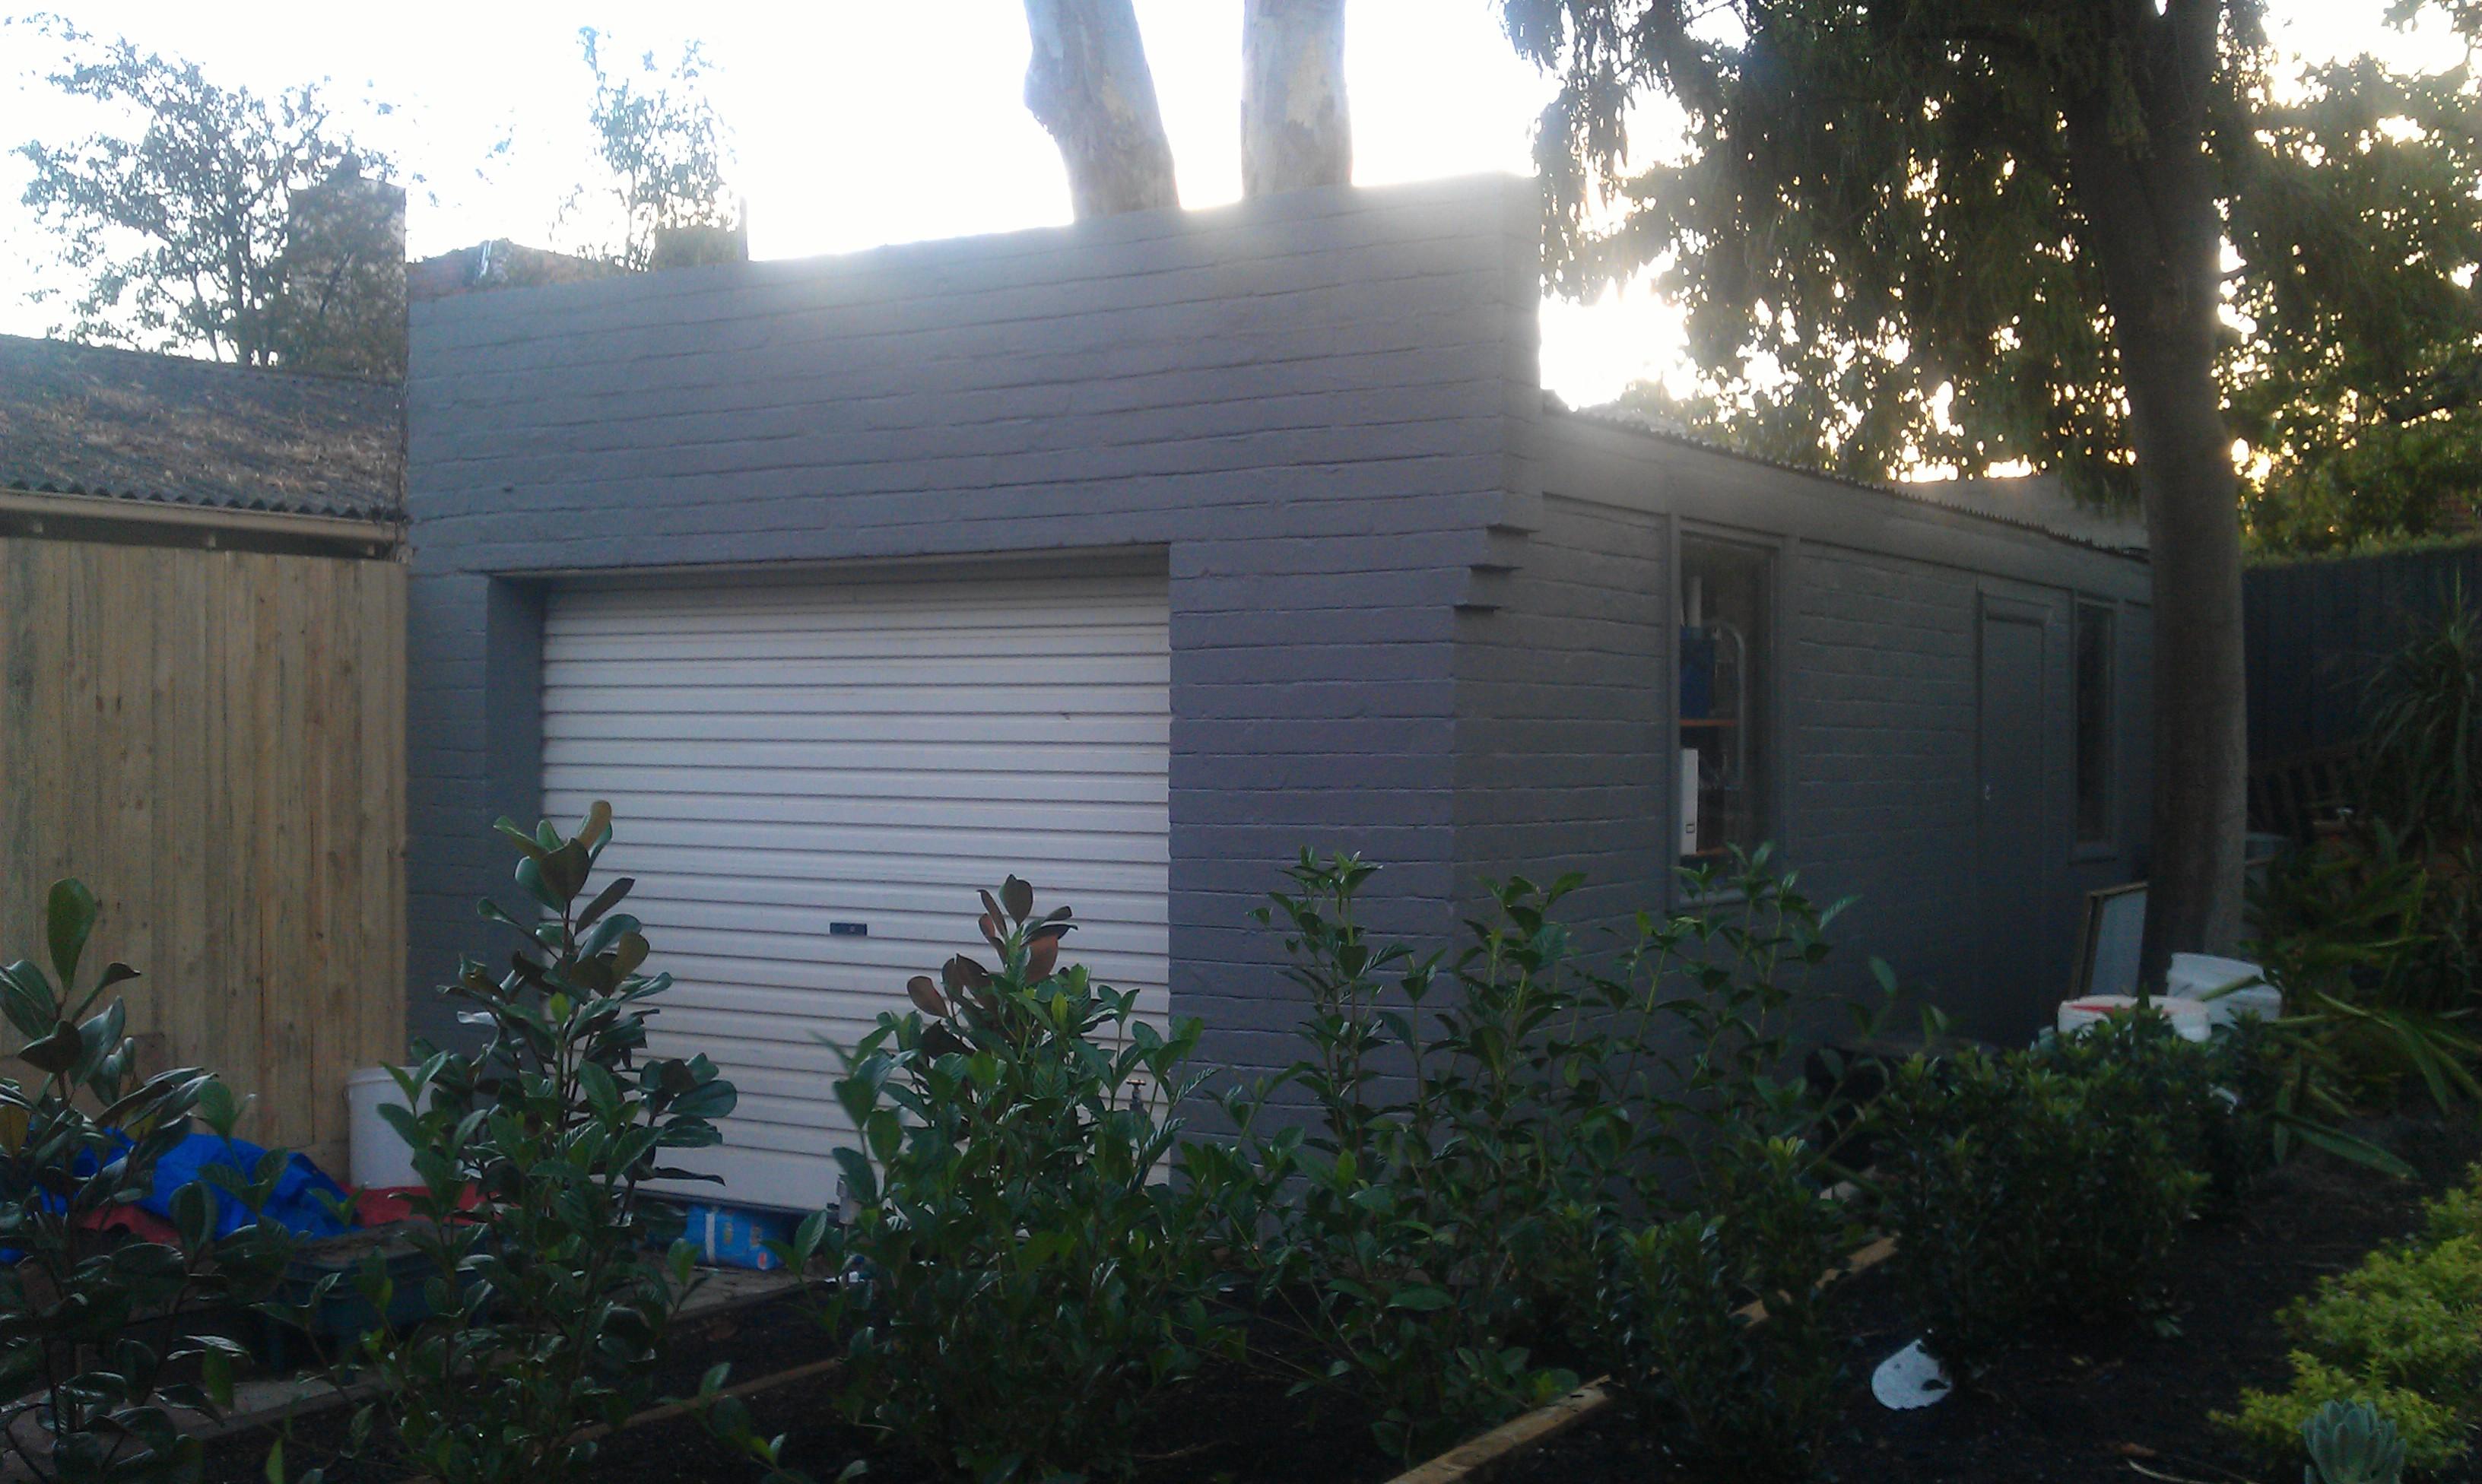 How to manually open a roller garage door